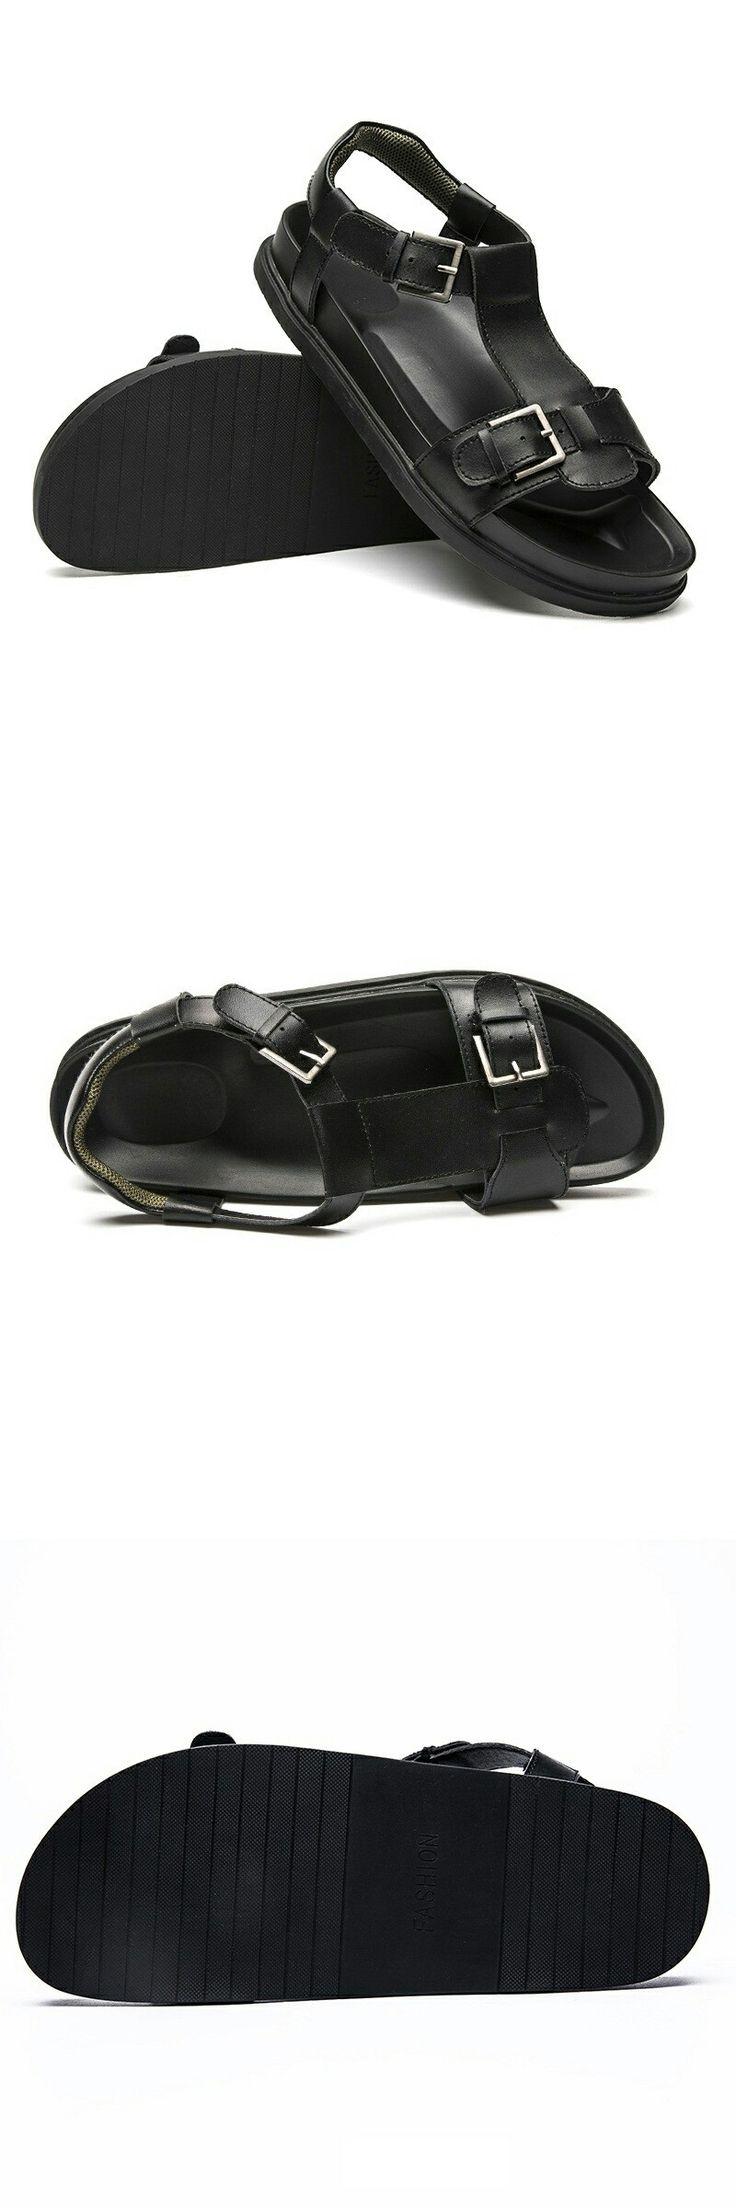 Men Buckle Sandals Shoes Slippers Summer Flip Flops Beach Men Shoes Leather Sandalias Zapatos Hombre Dark Black